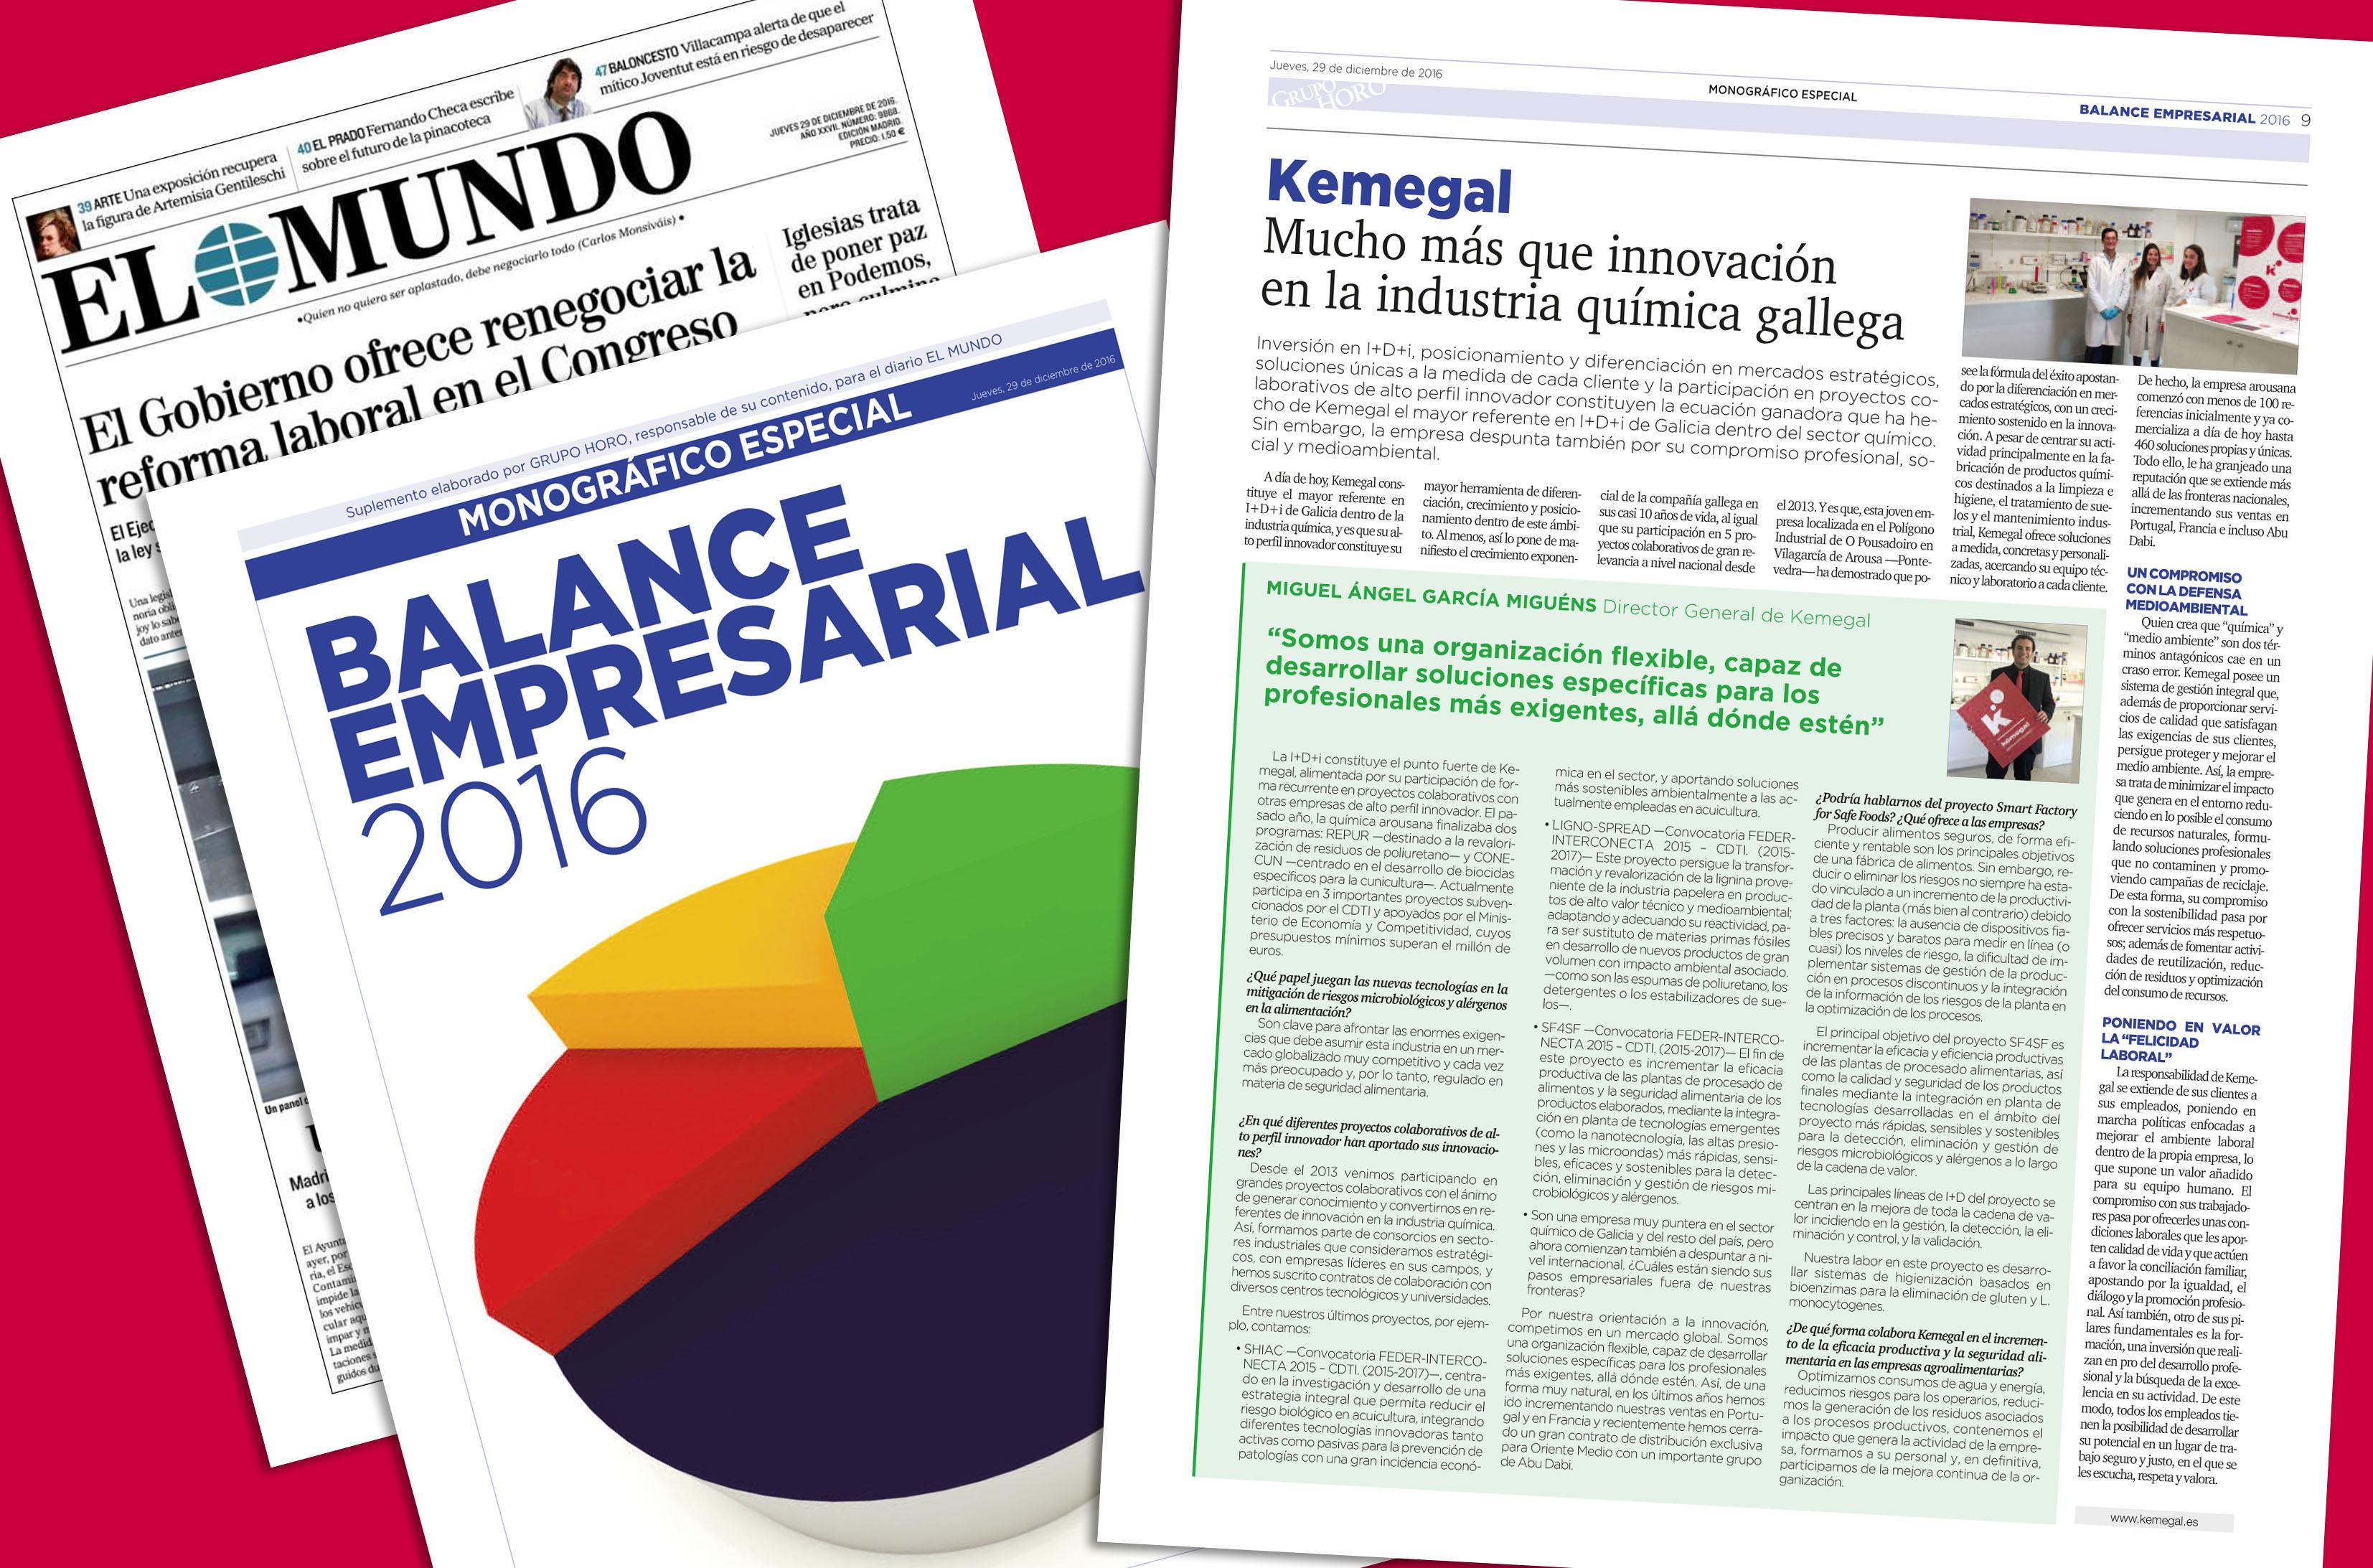 Kemegal, protagonista destacado en el balance empresarial 2016 del diario EL Mundo